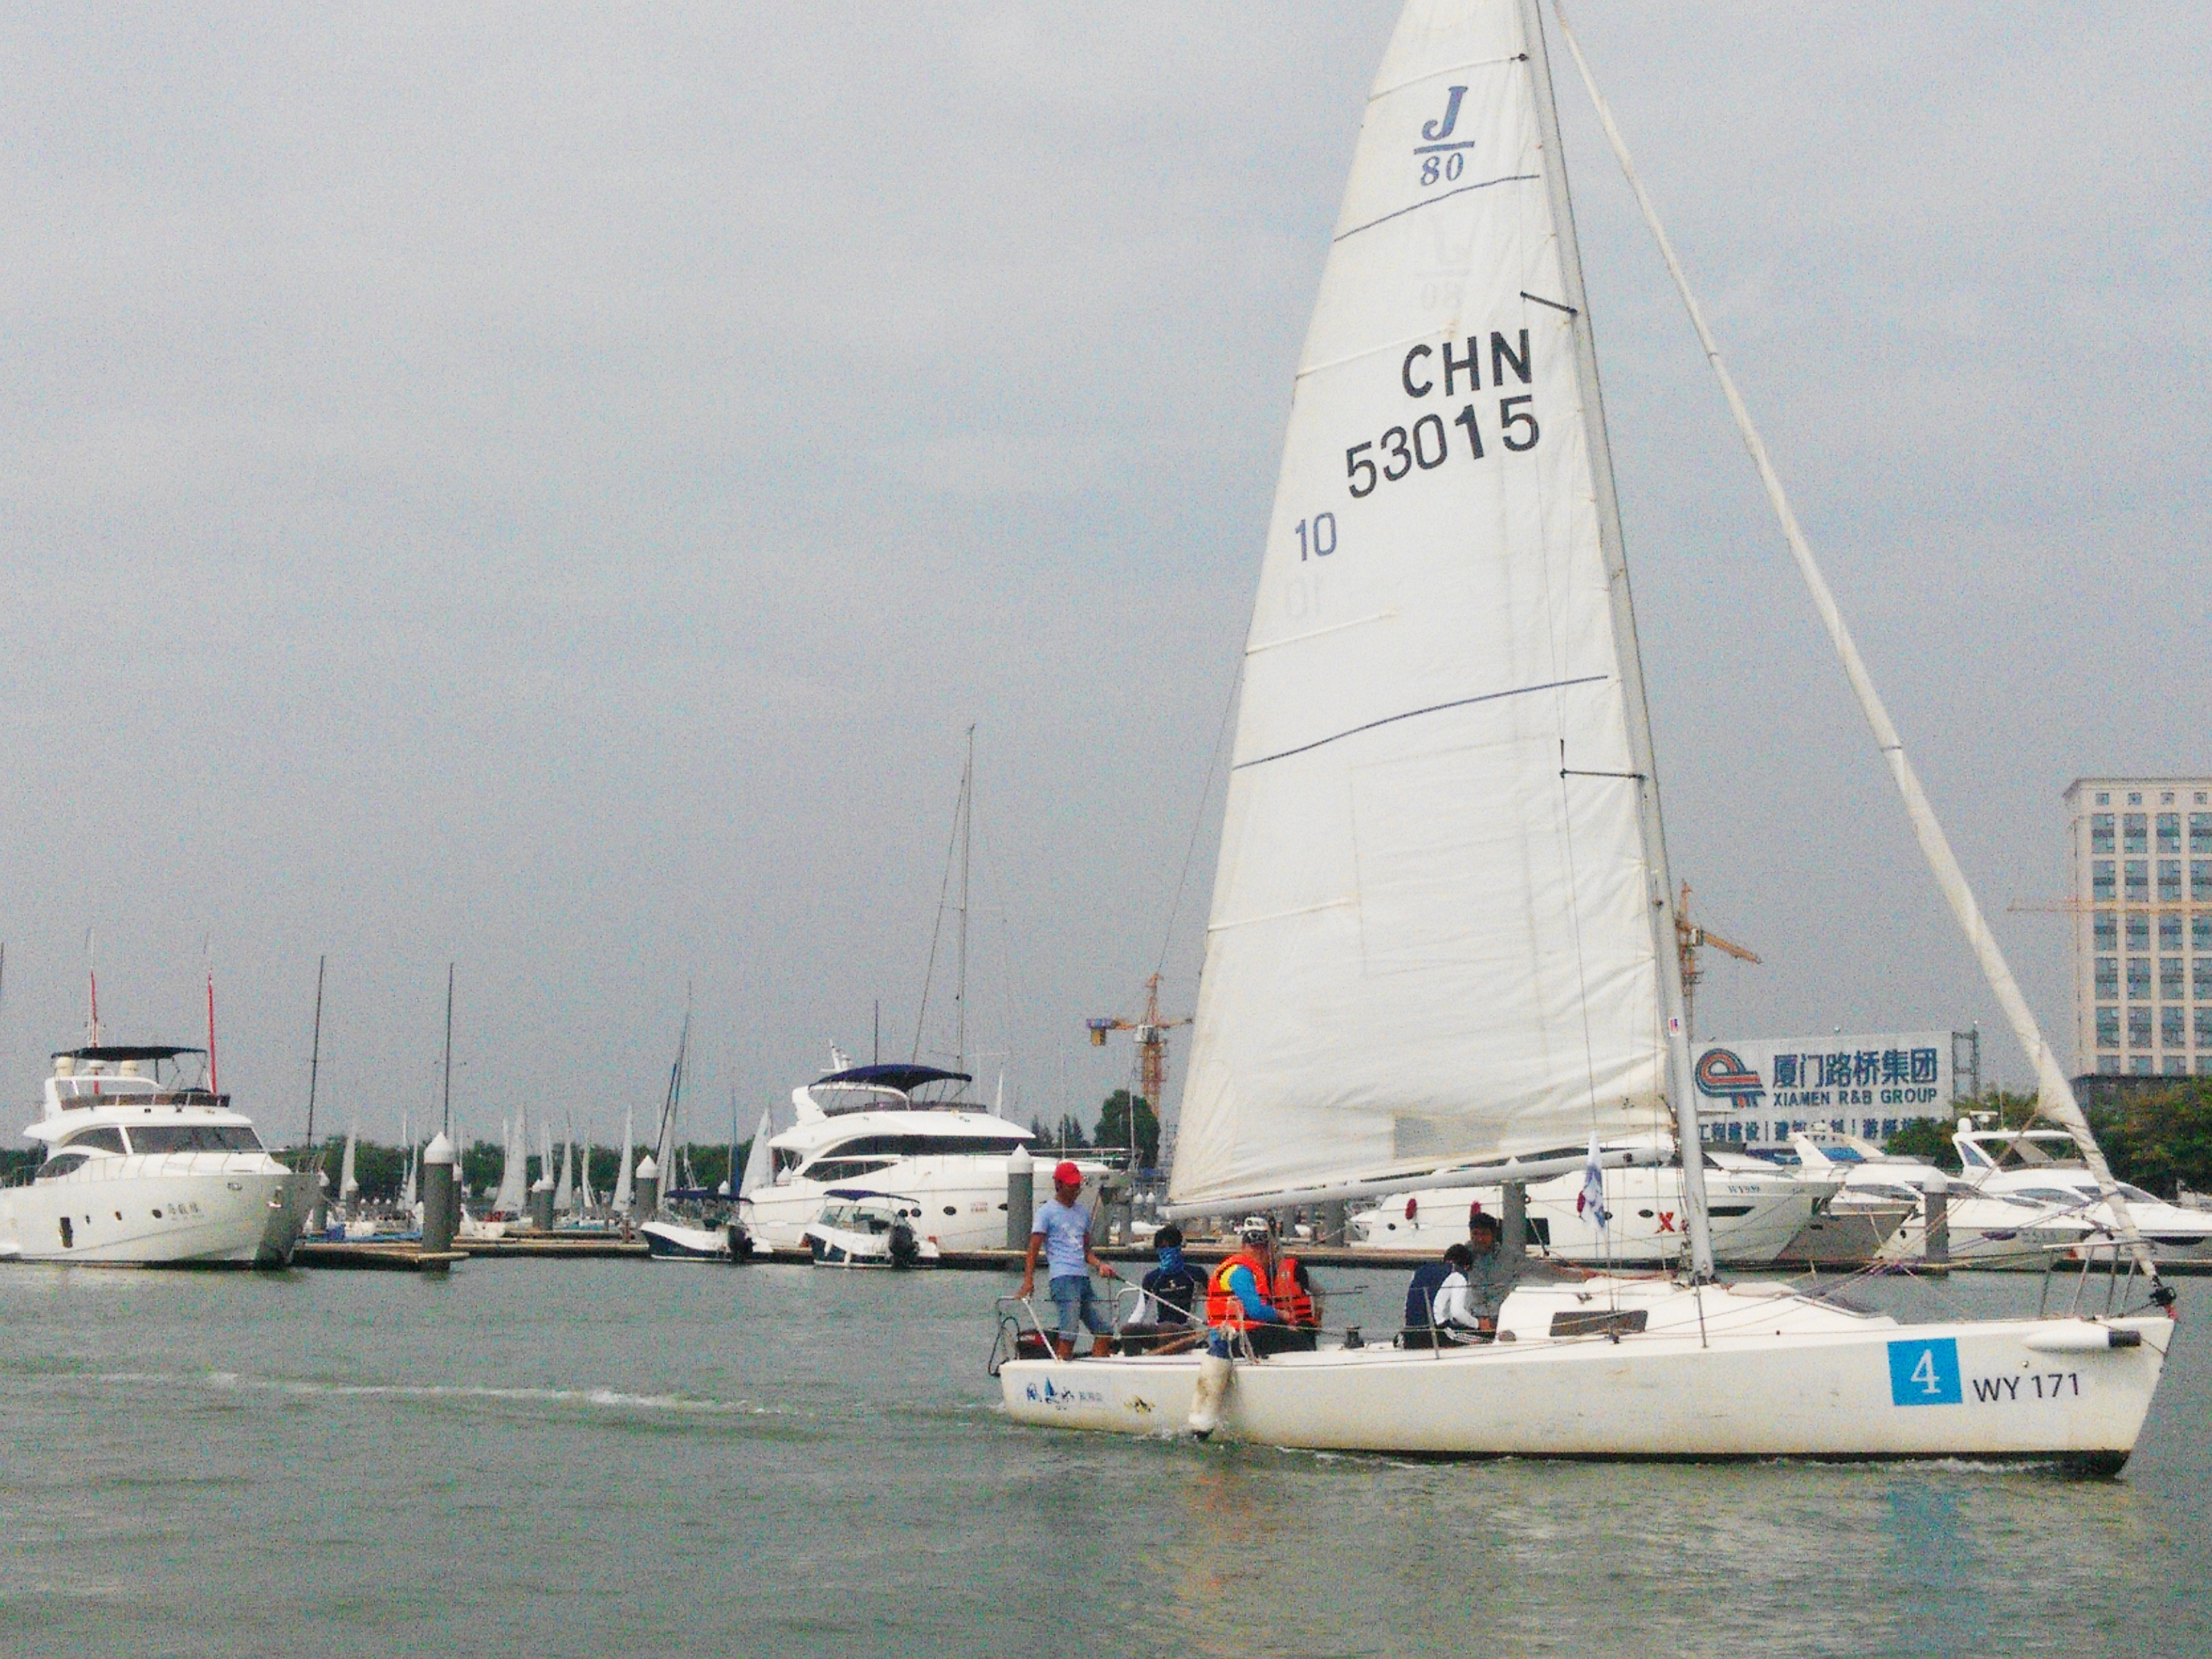 泛太平洋,厦门 我与厦门第三届泛太平洋高校帆船赛(一) 帆船1.jpg